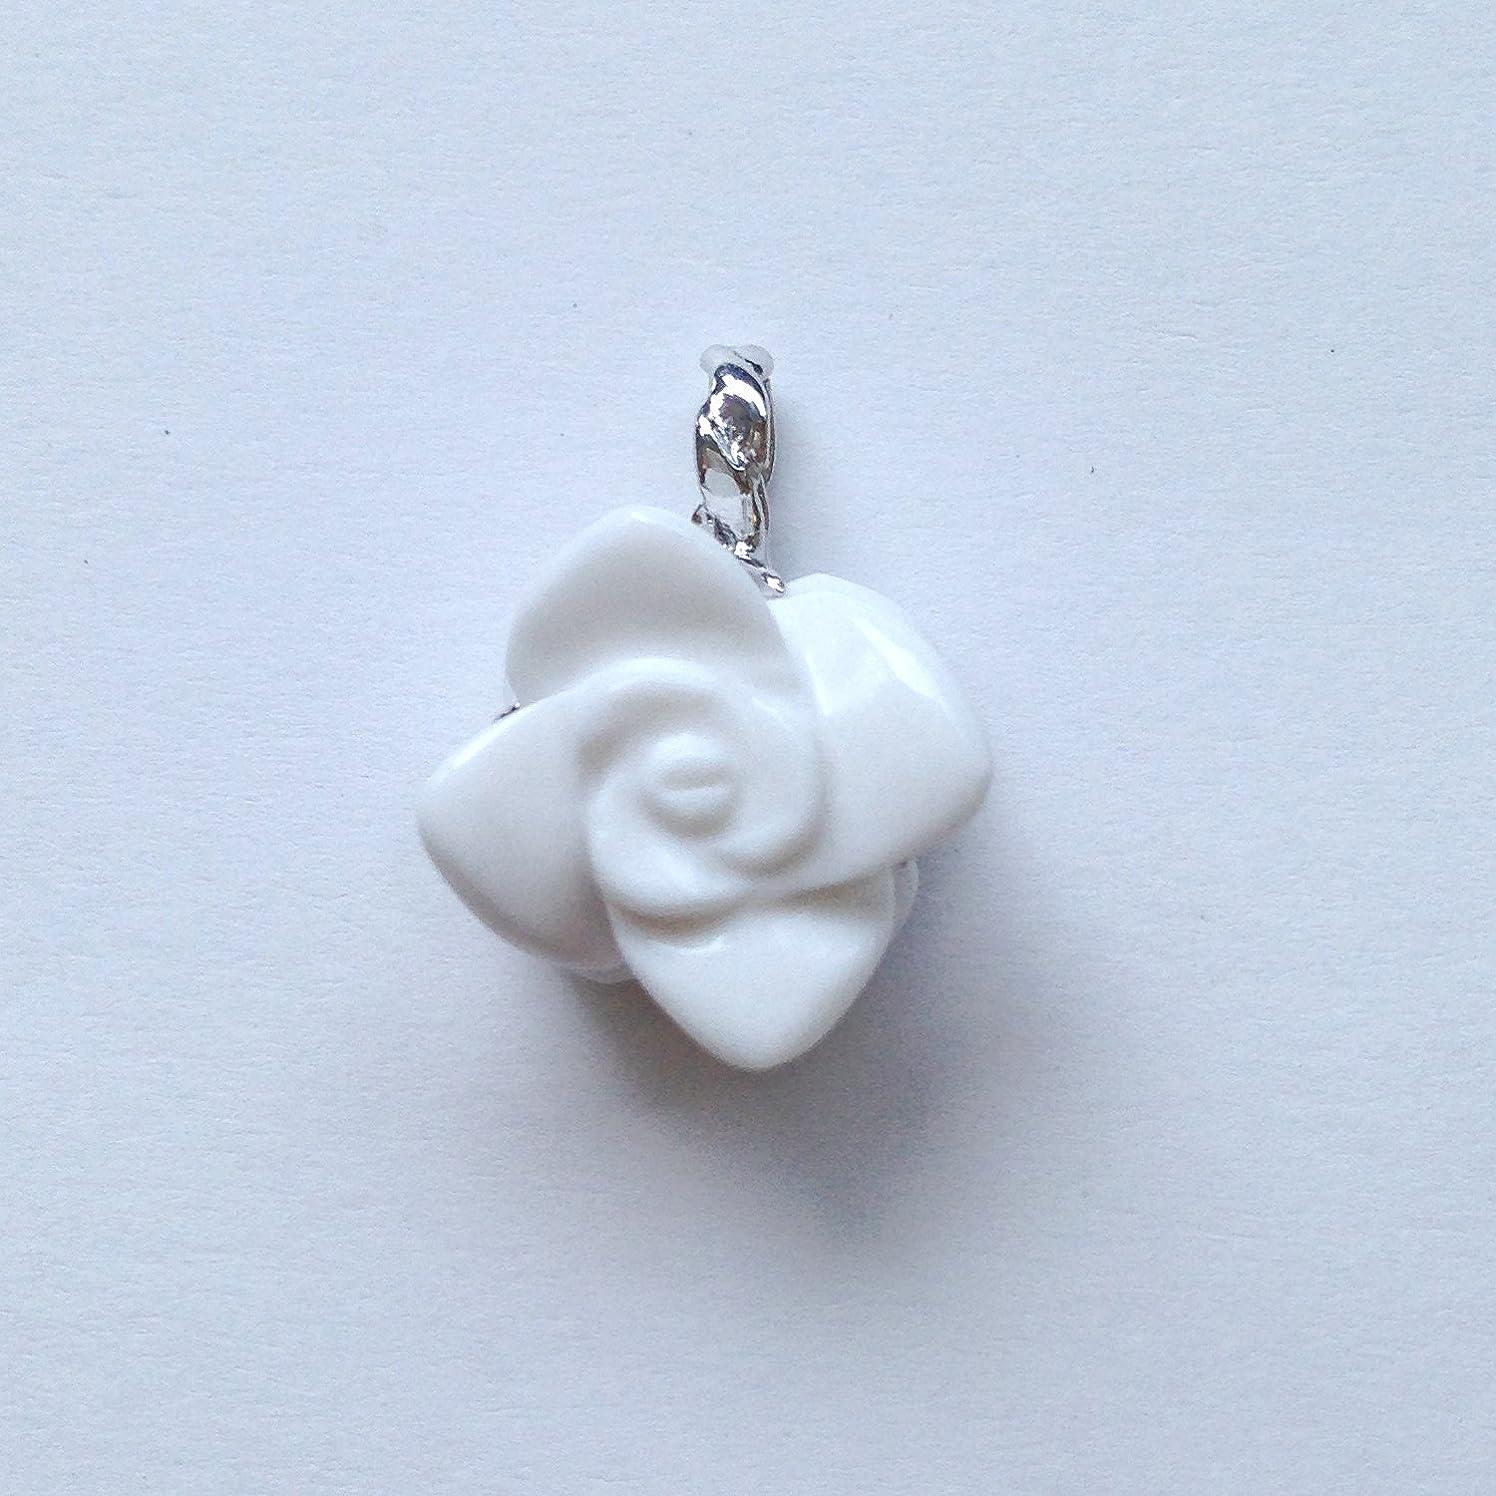 範囲避難するかなりの香る宝石SVホワイトメノウペンダント通常¥26,800の所 (Ag925)